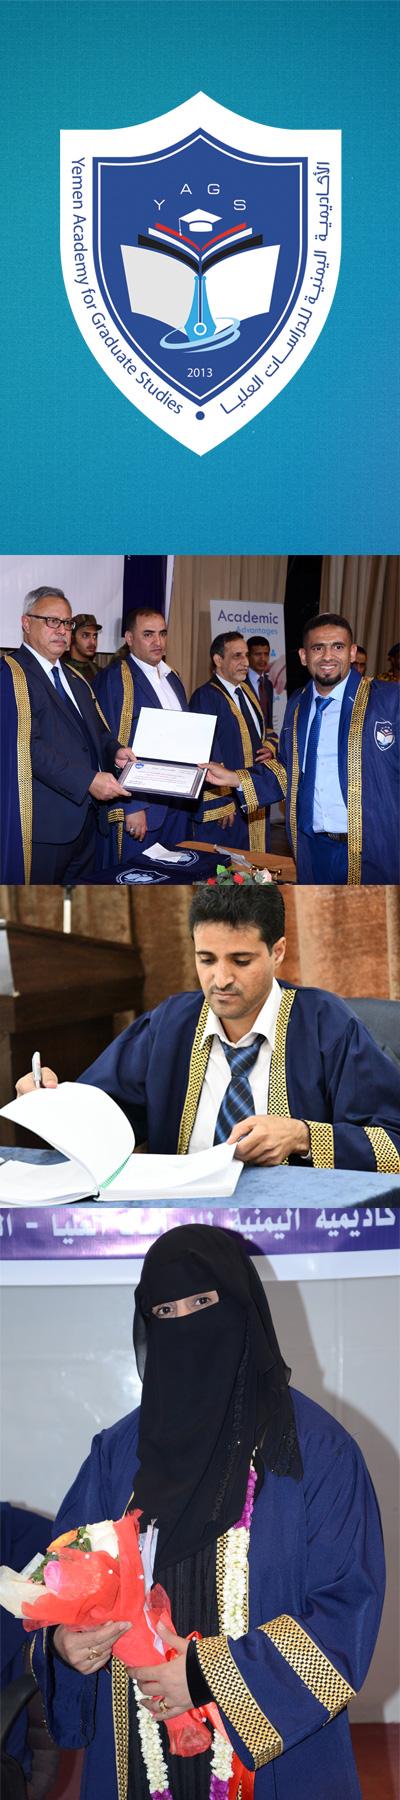 الأكاديمية اليمنية للدراسات العليا اليمن صنعاء ماجستير دبلوم دراسات عليا